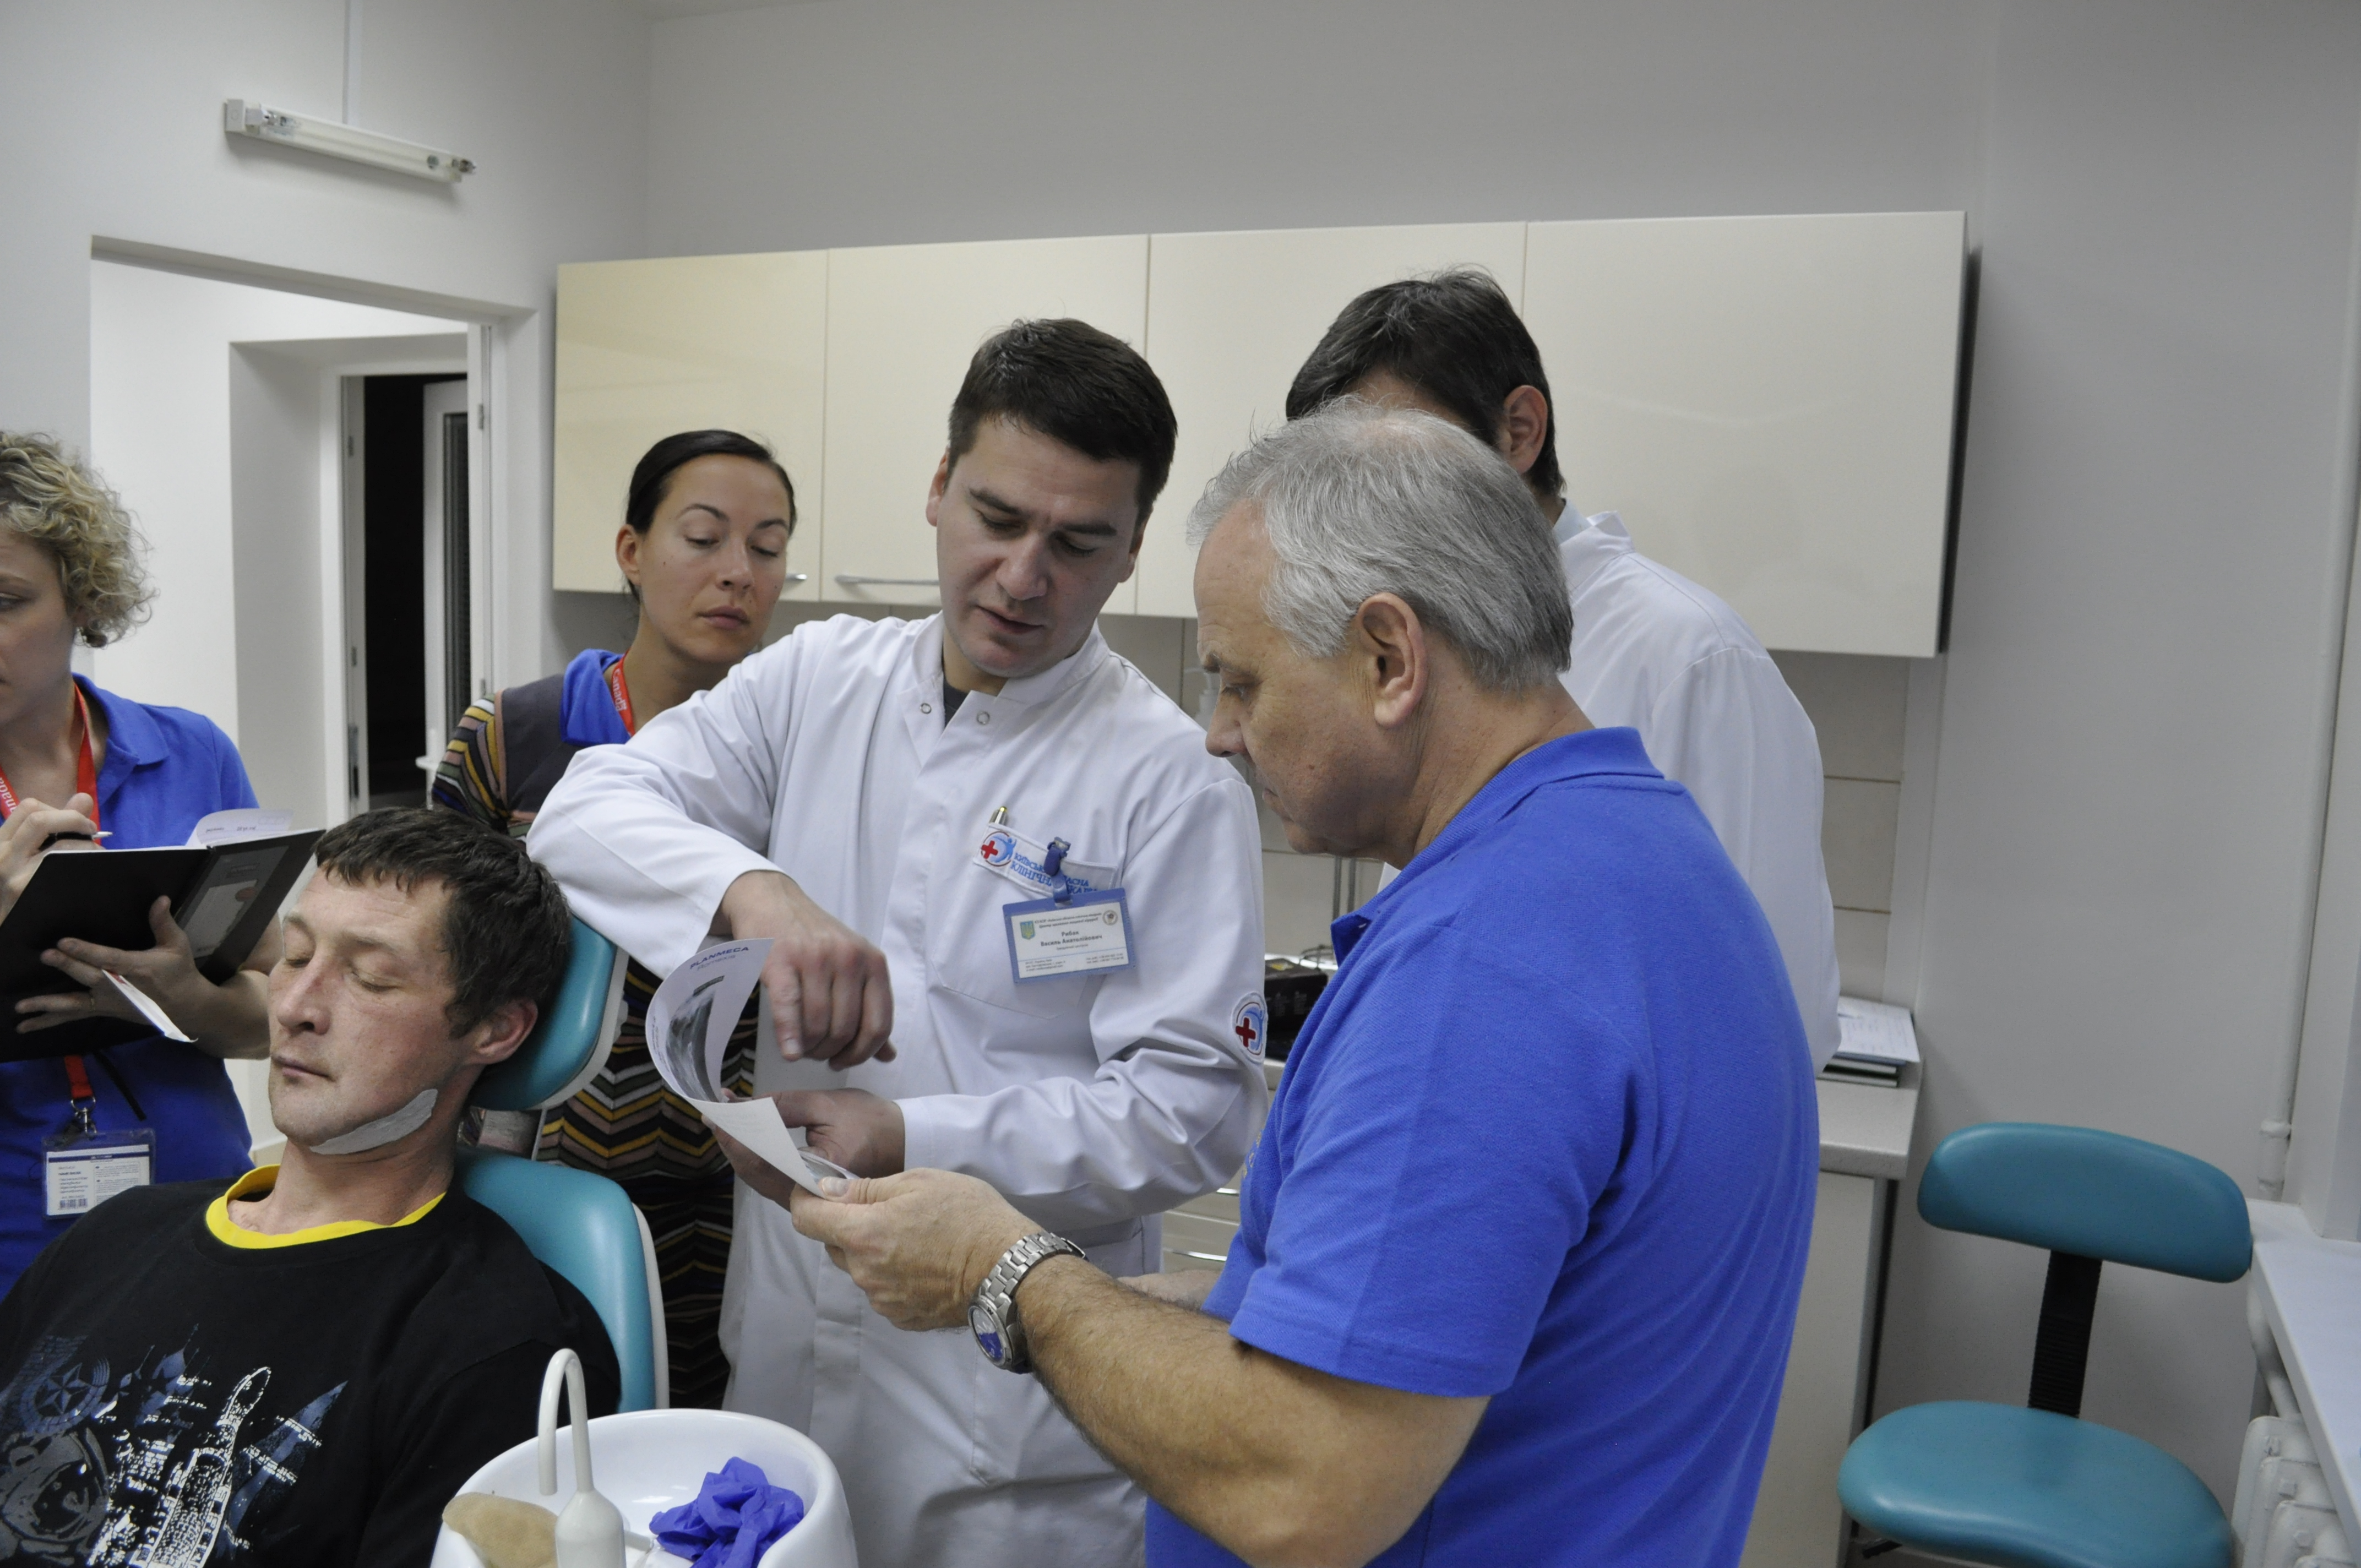 Делимся опытом с канадскими хирургами. Высоко оценена работа и качество выполнения оперативных вмешательств.